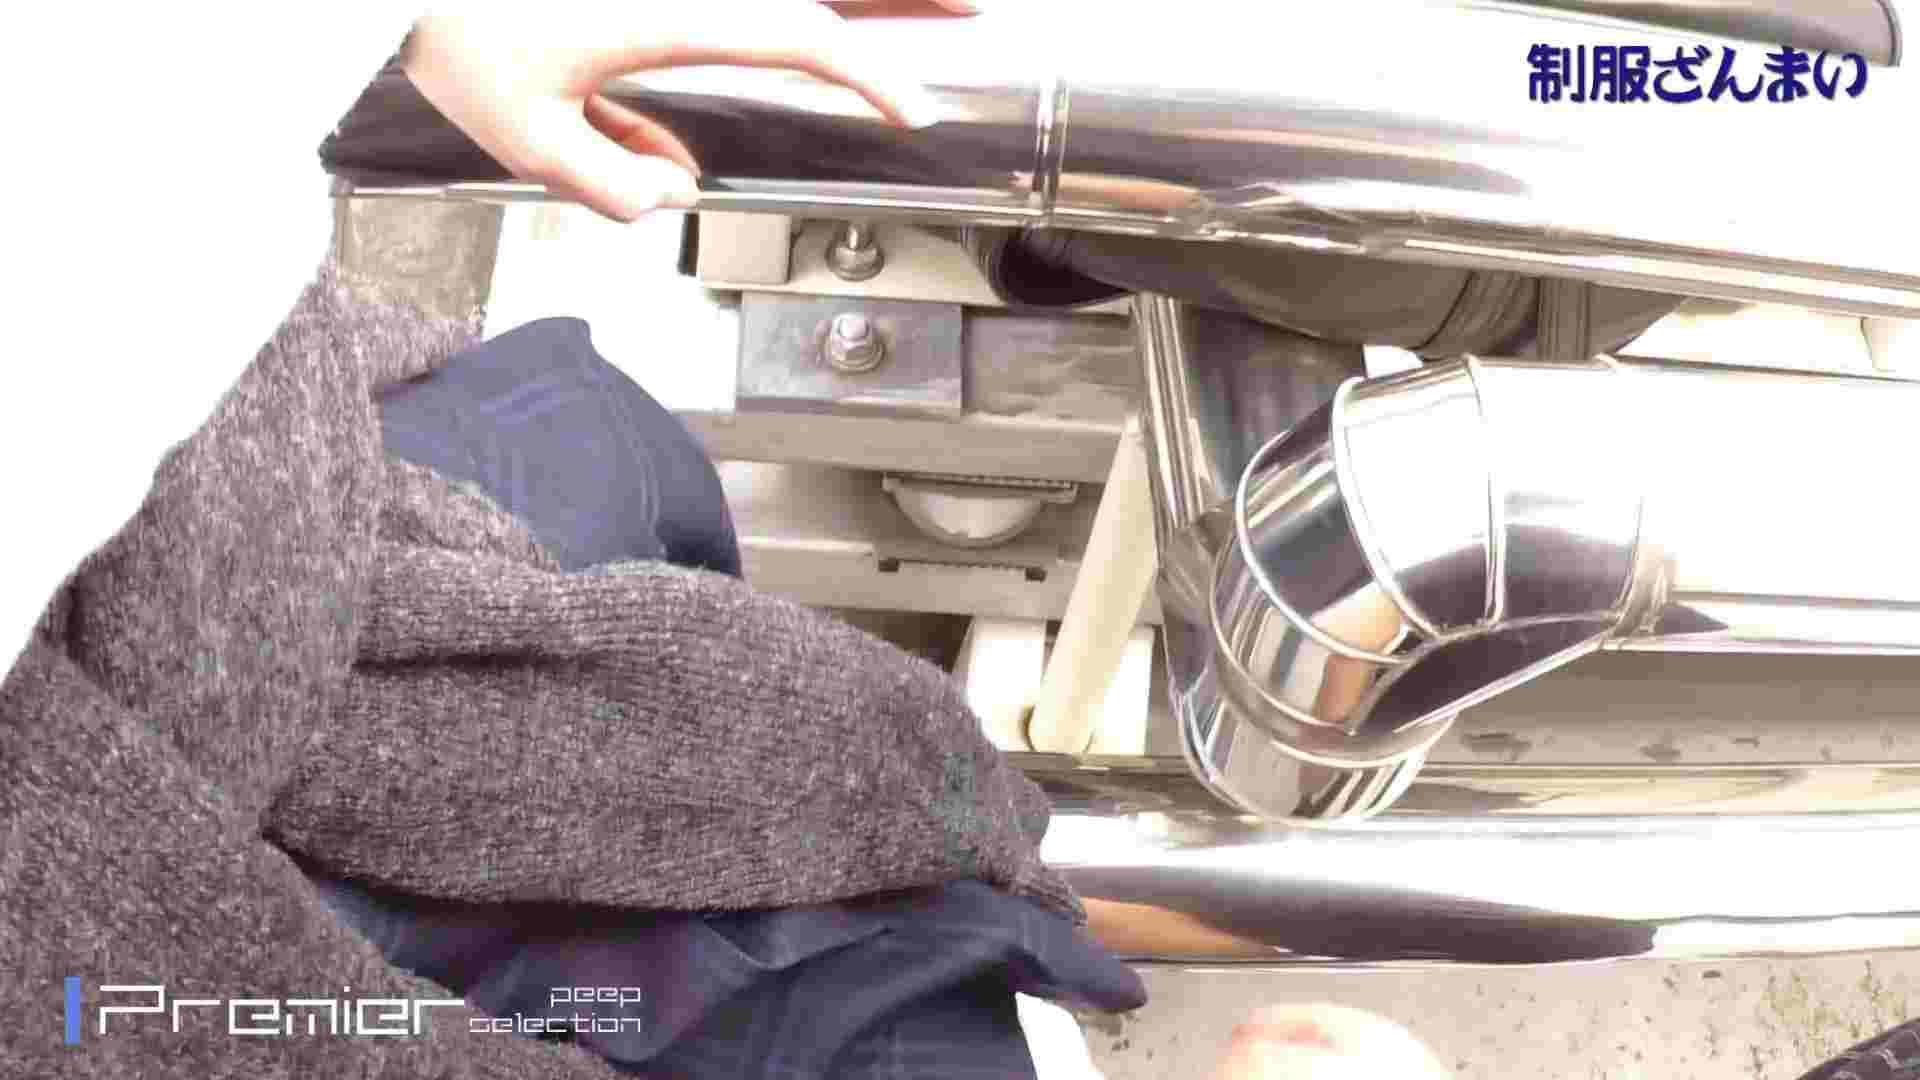 無料アダルト動画:パンツを売る女 Vol.23制月反女子変態ざんまい前編:怪盗ジョーカー